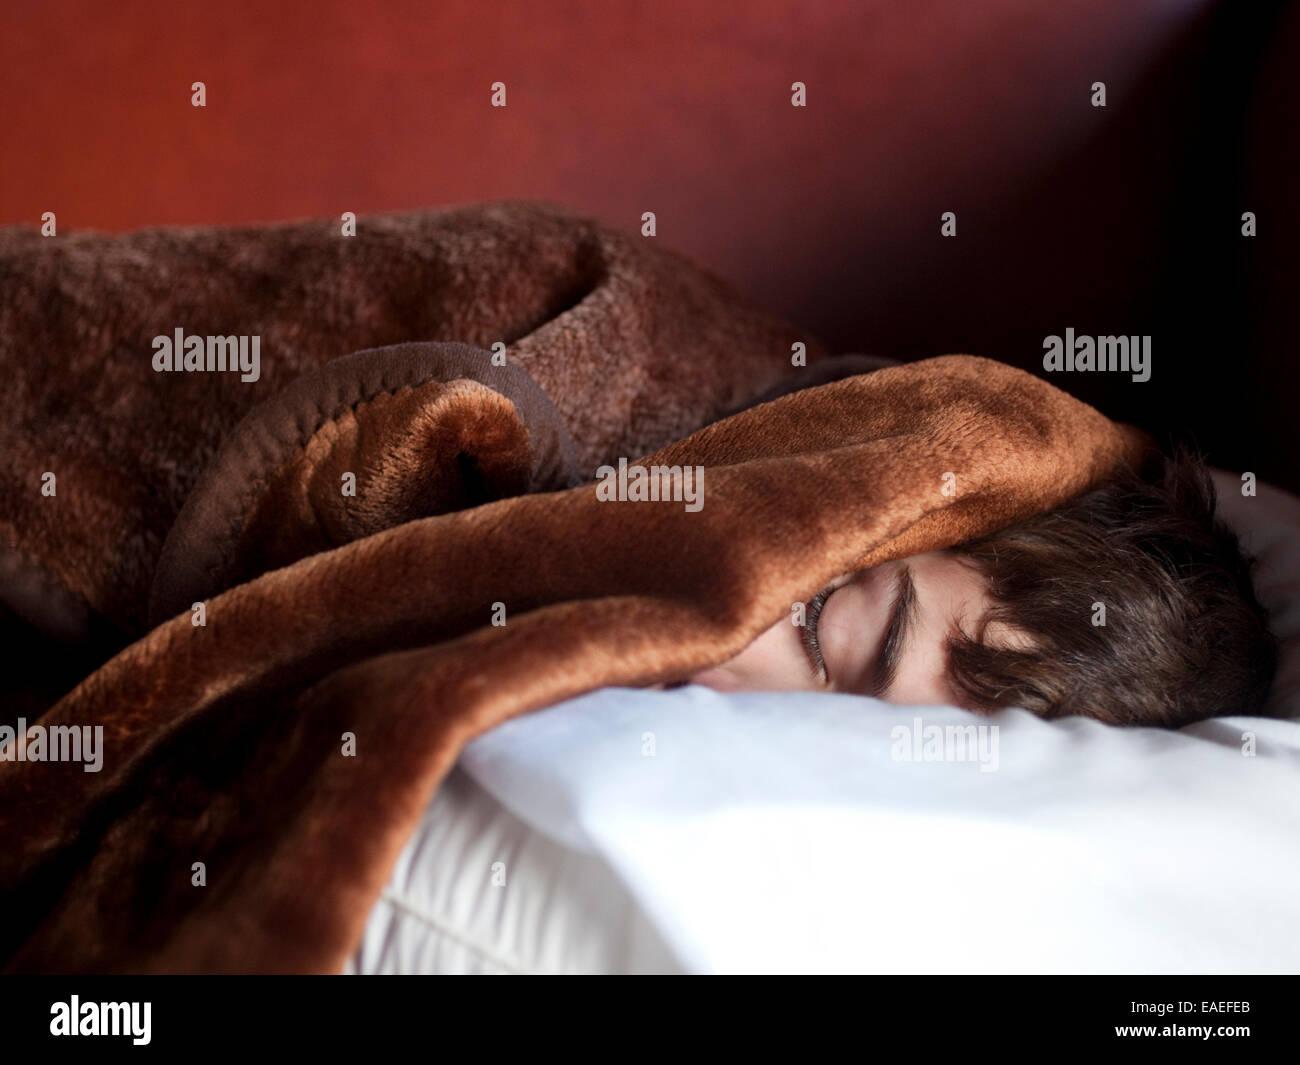 niño durmiendo Imagen De Stock